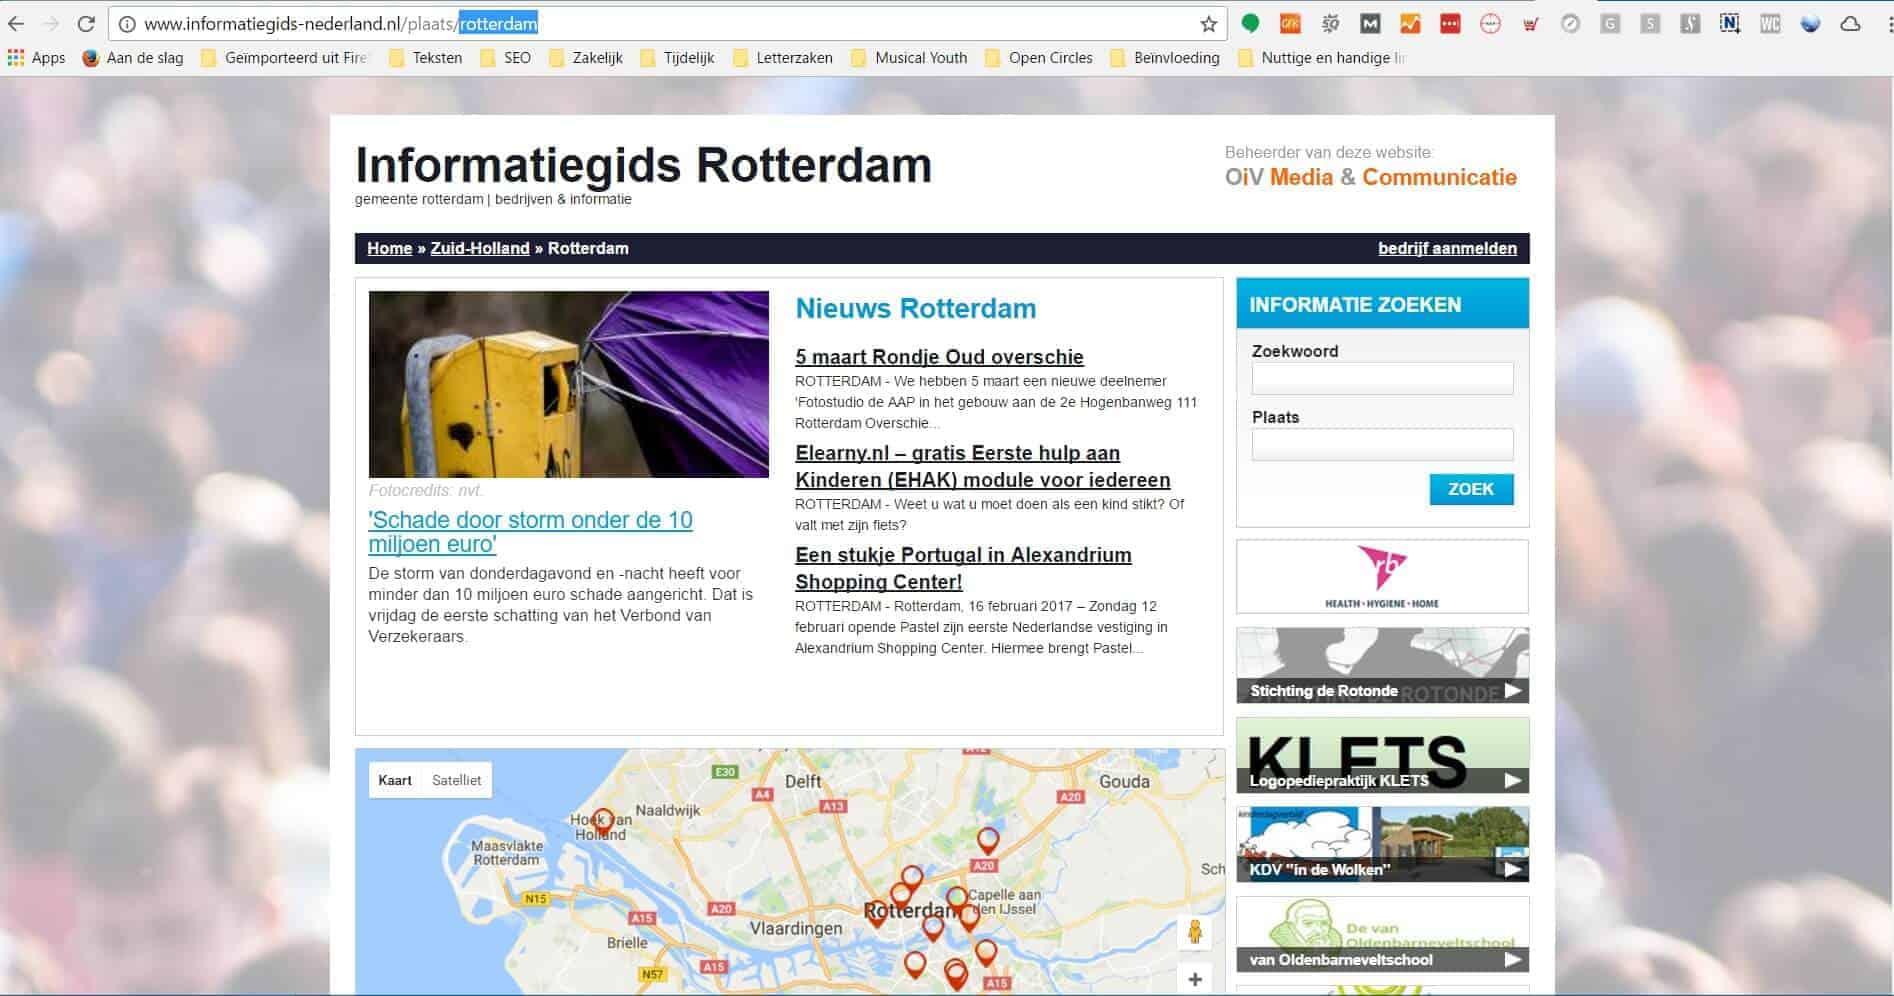 informatiegids-nederland voor Rotterdam van OiV Media en Communicatie